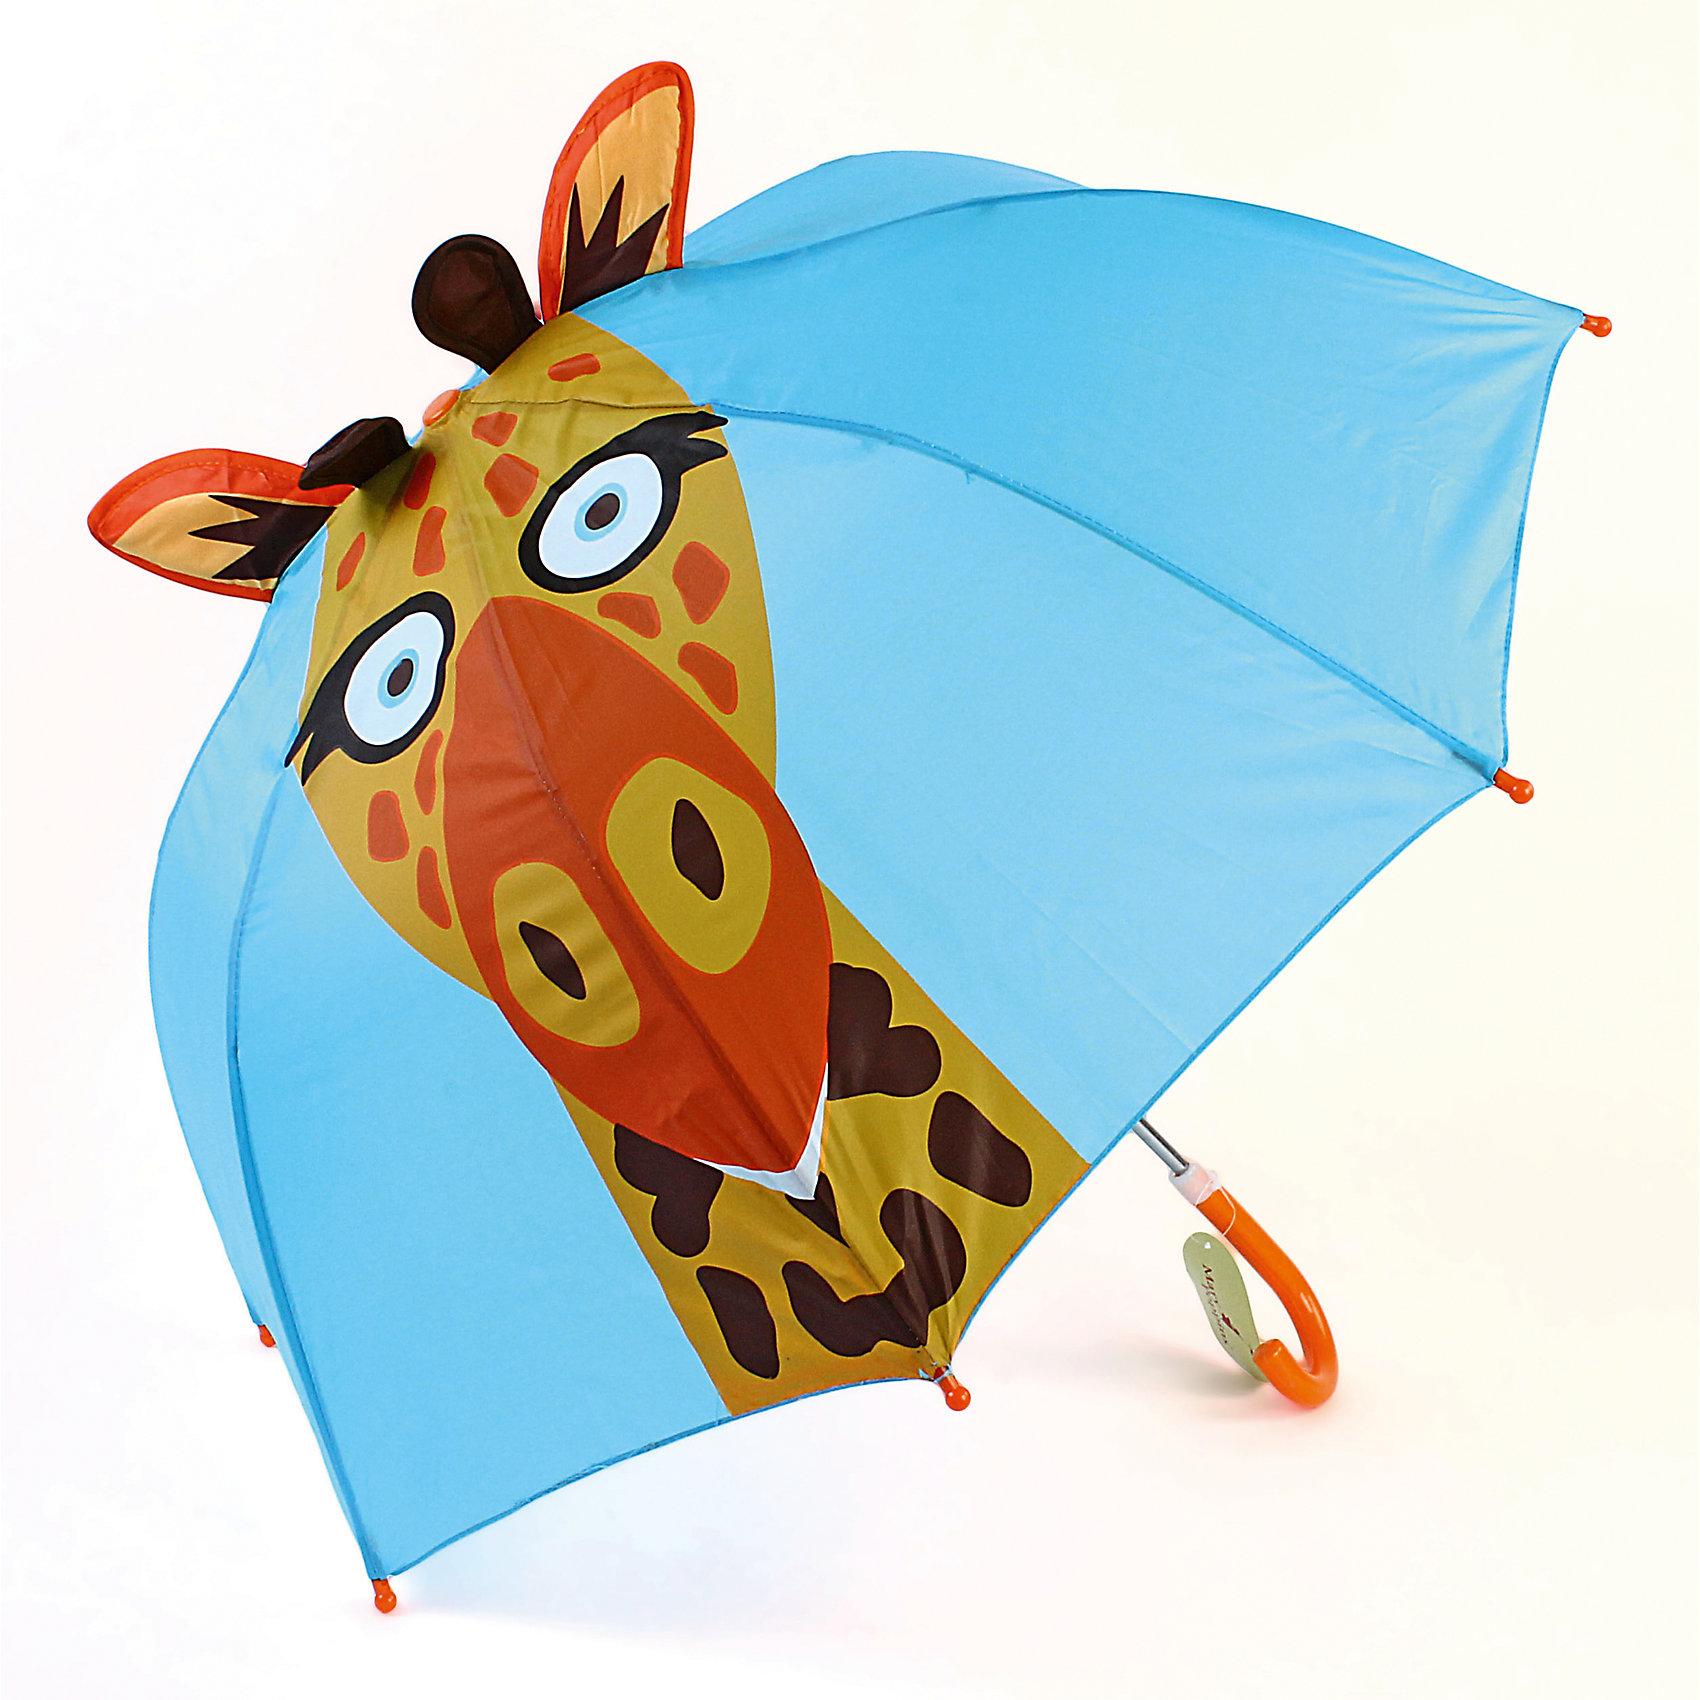 Зонт детский Жираф, 46см.Зонты детские<br>Детский зонтик-тросточка с забавным жирафом на куполе защитит ребенка от непогоды. Зонтик не боится дождя и ветра благодаря прочному креплению купола к каркасу. Технические характеристики: Механическая система складывания; Концы спиц закрыты пластиковыми шариками; Пластиковый фиксатор на стержне зонтика; Радиус купола - 46 см.<br><br>Ширина мм: 590<br>Глубина мм: 500<br>Высота мм: 500<br>Вес г: 250<br>Возраст от месяцев: 36<br>Возраст до месяцев: 2147483647<br>Пол: Унисекс<br>Возраст: Детский<br>SKU: 5508507